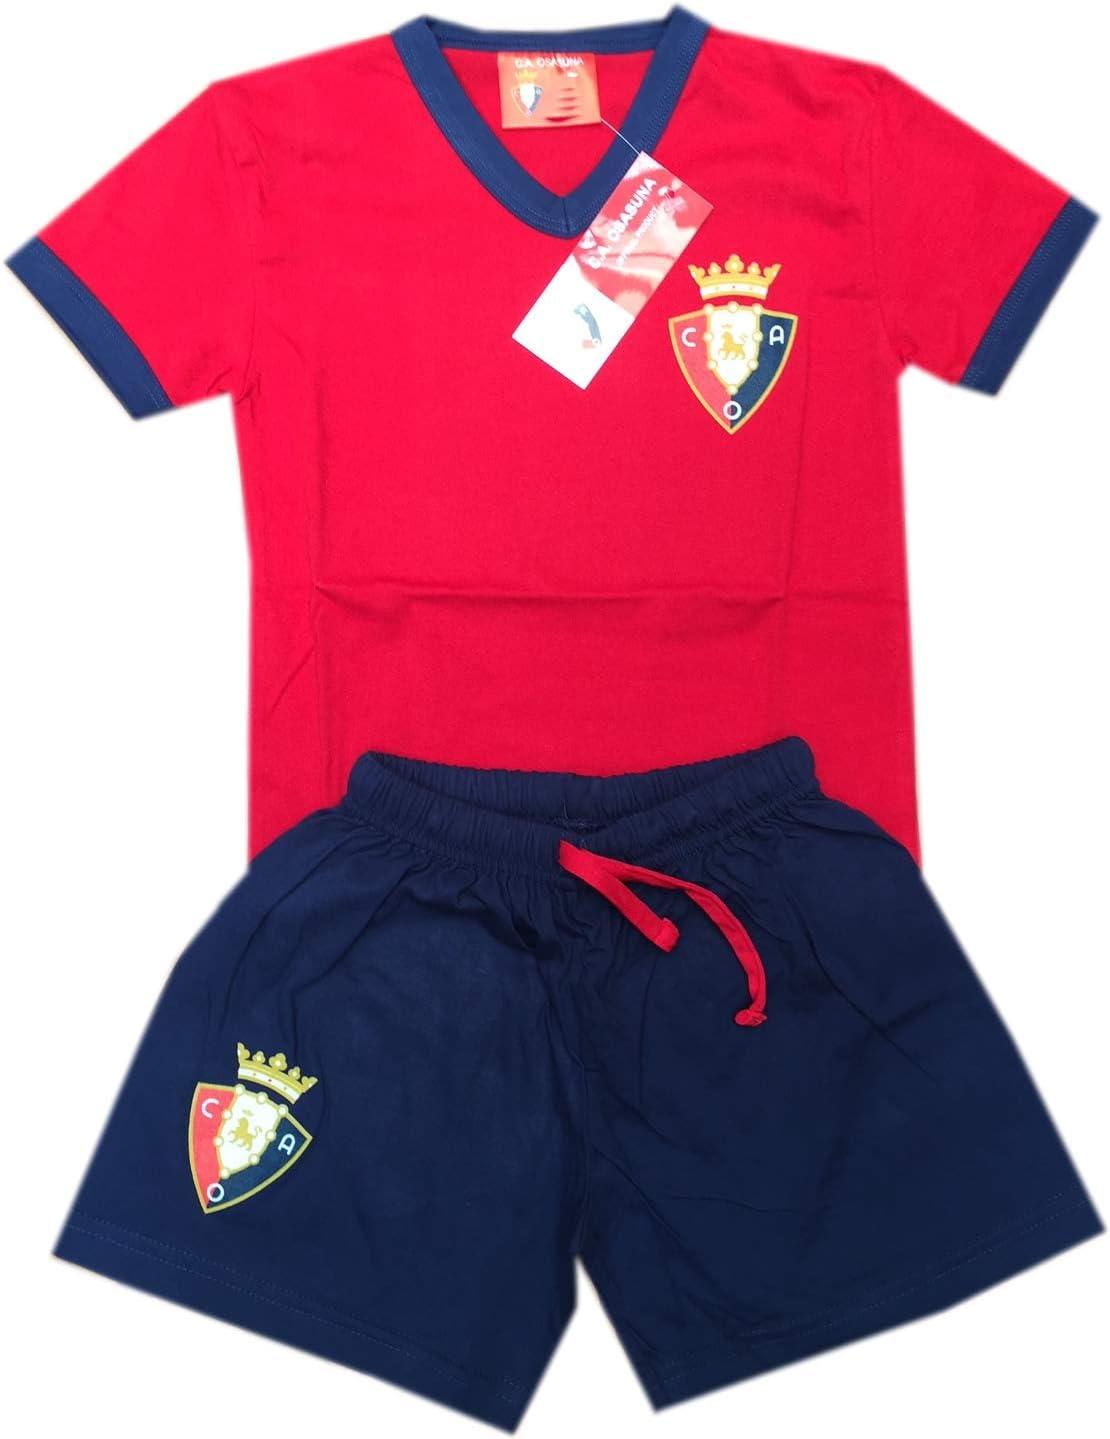 Madeness Pijama Club Atlético Osasuna Adulto Verano